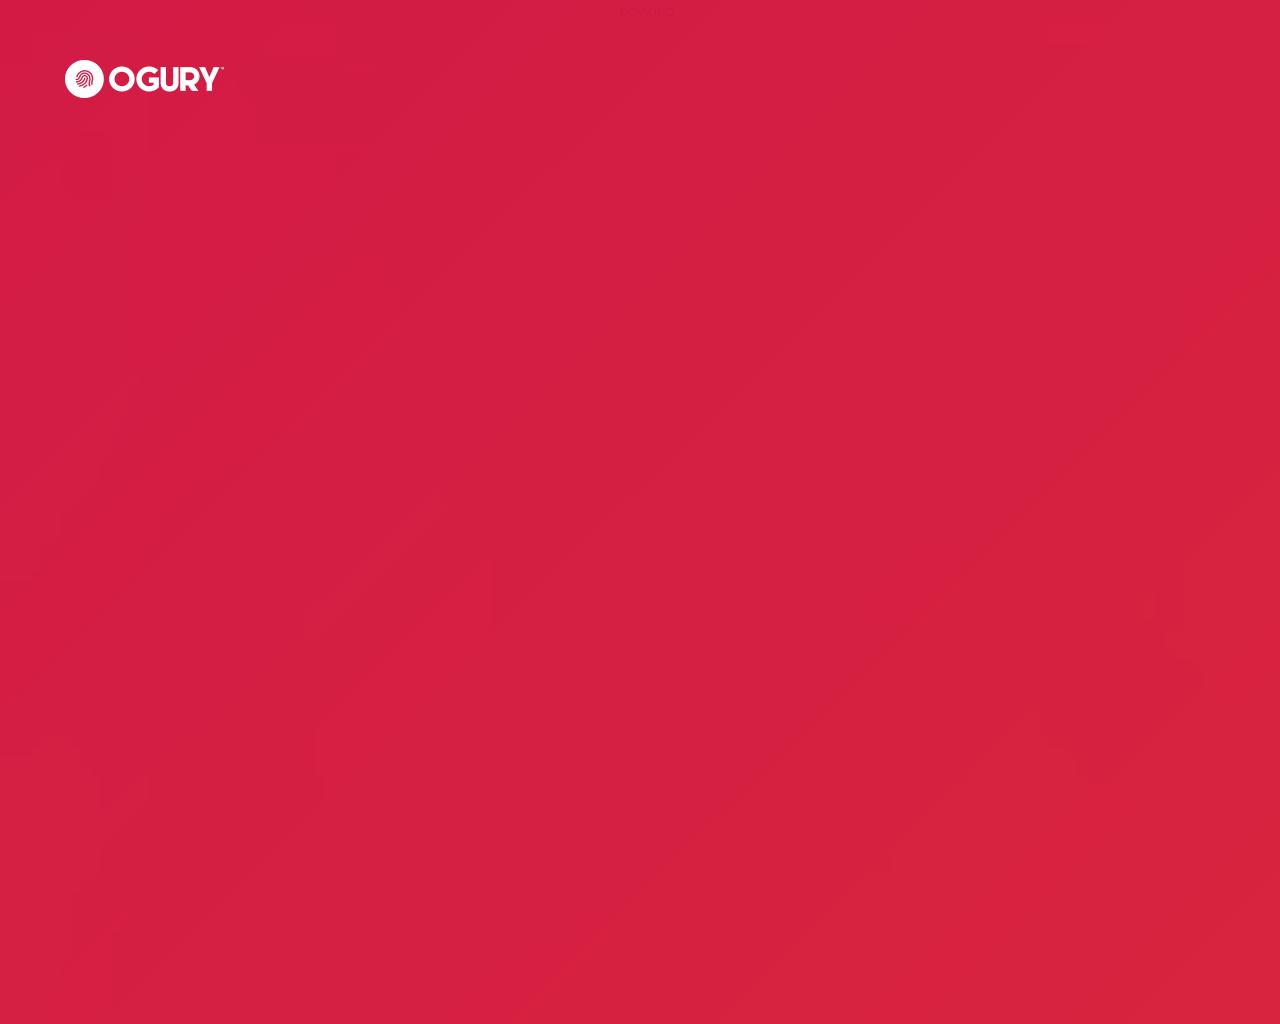 Ogury-Advertising-Reviews-Pricing